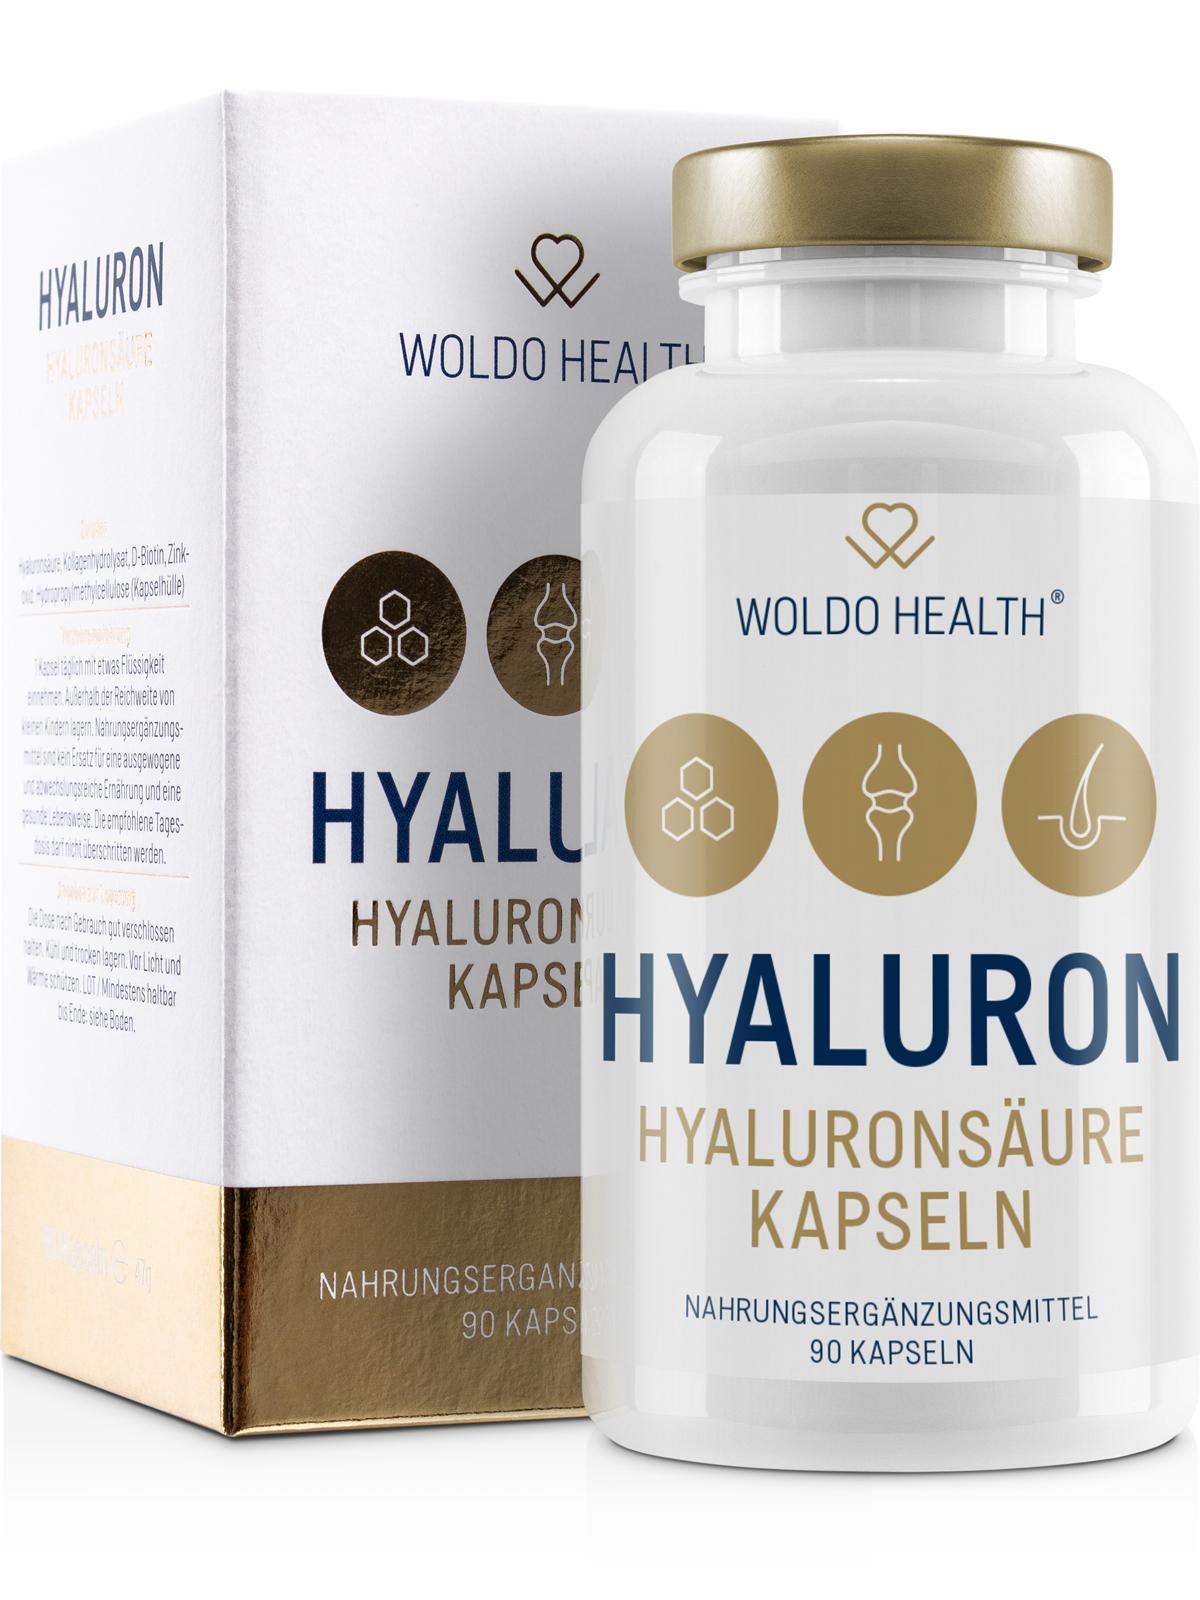 woldohealth-hyaluron-kapseln-90-6a